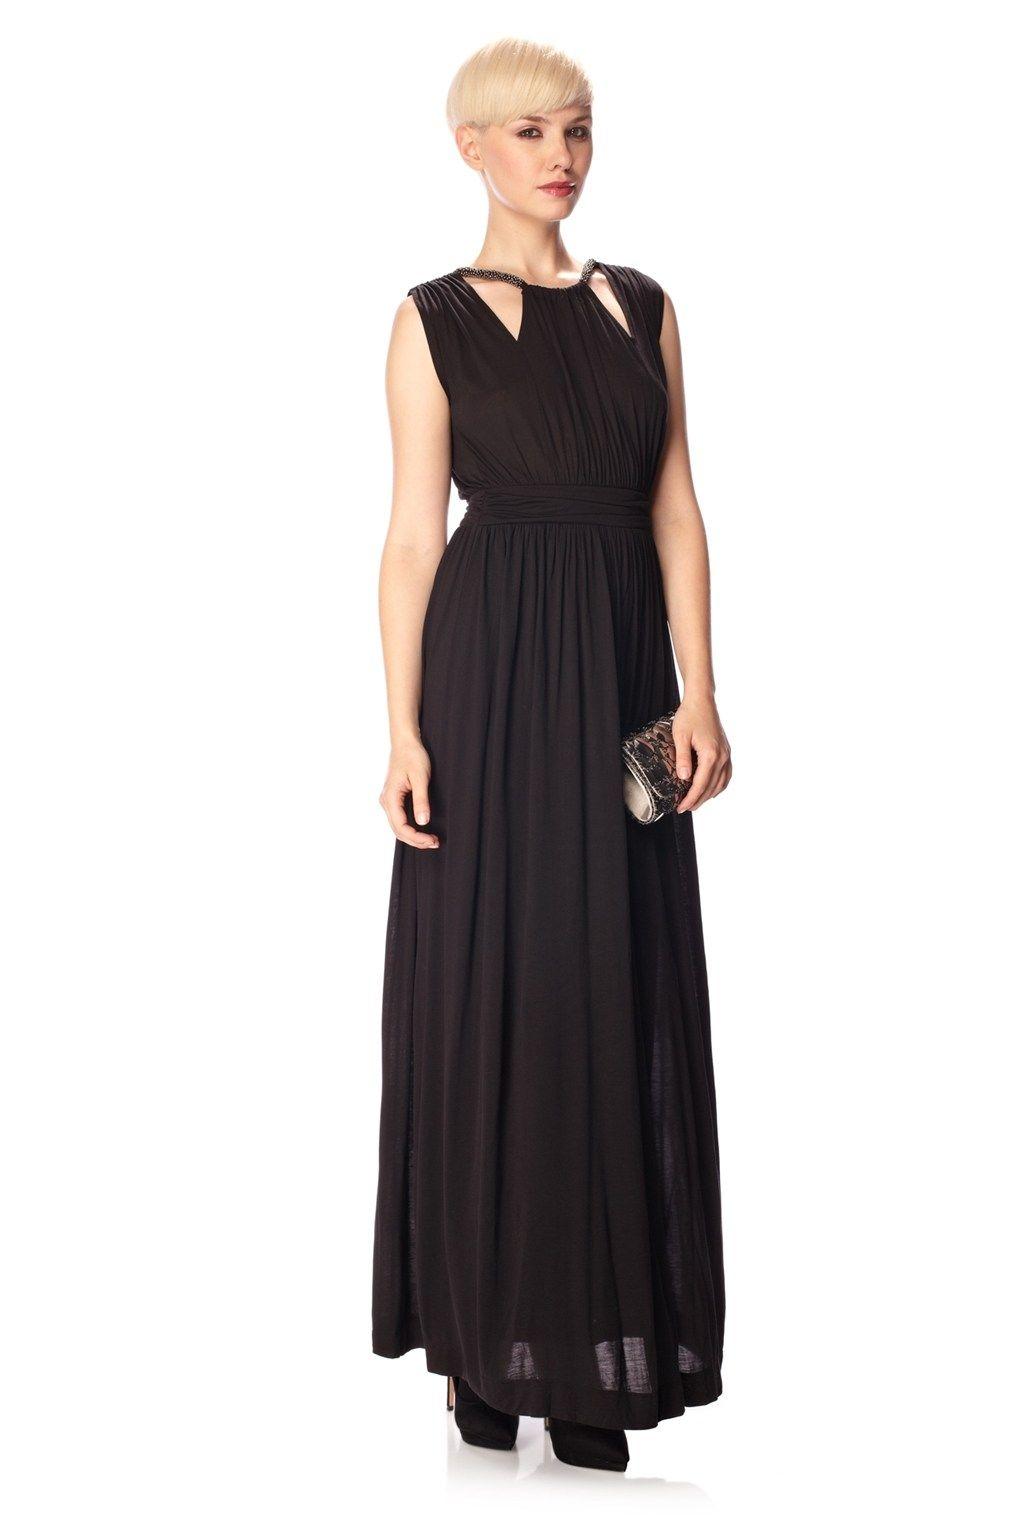 Vegas dreamy maxi dress dresses pinterest vegas maxi